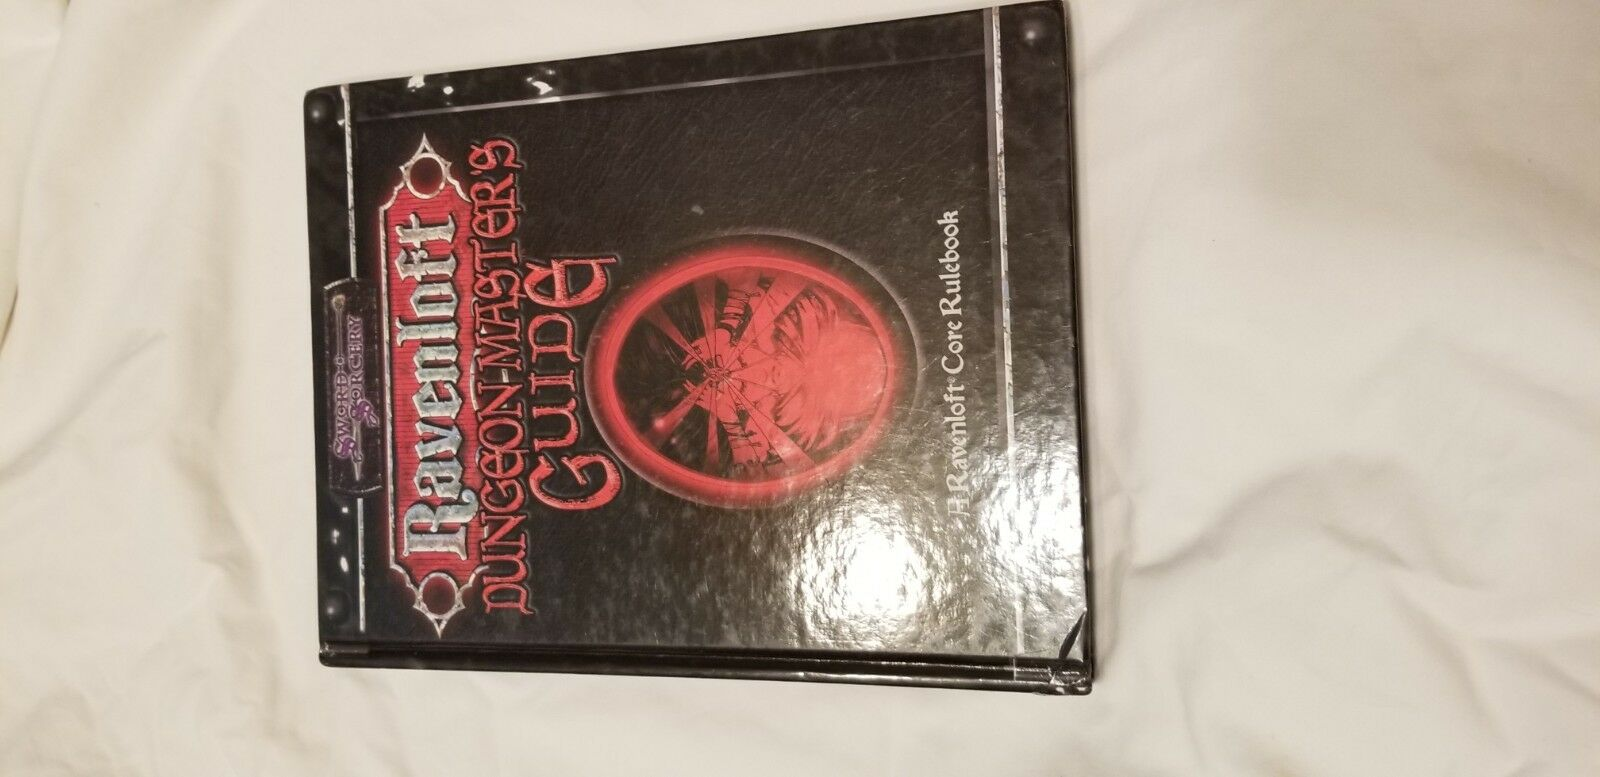 Ravenloft 3rd edition Dungeon Master's Guide.